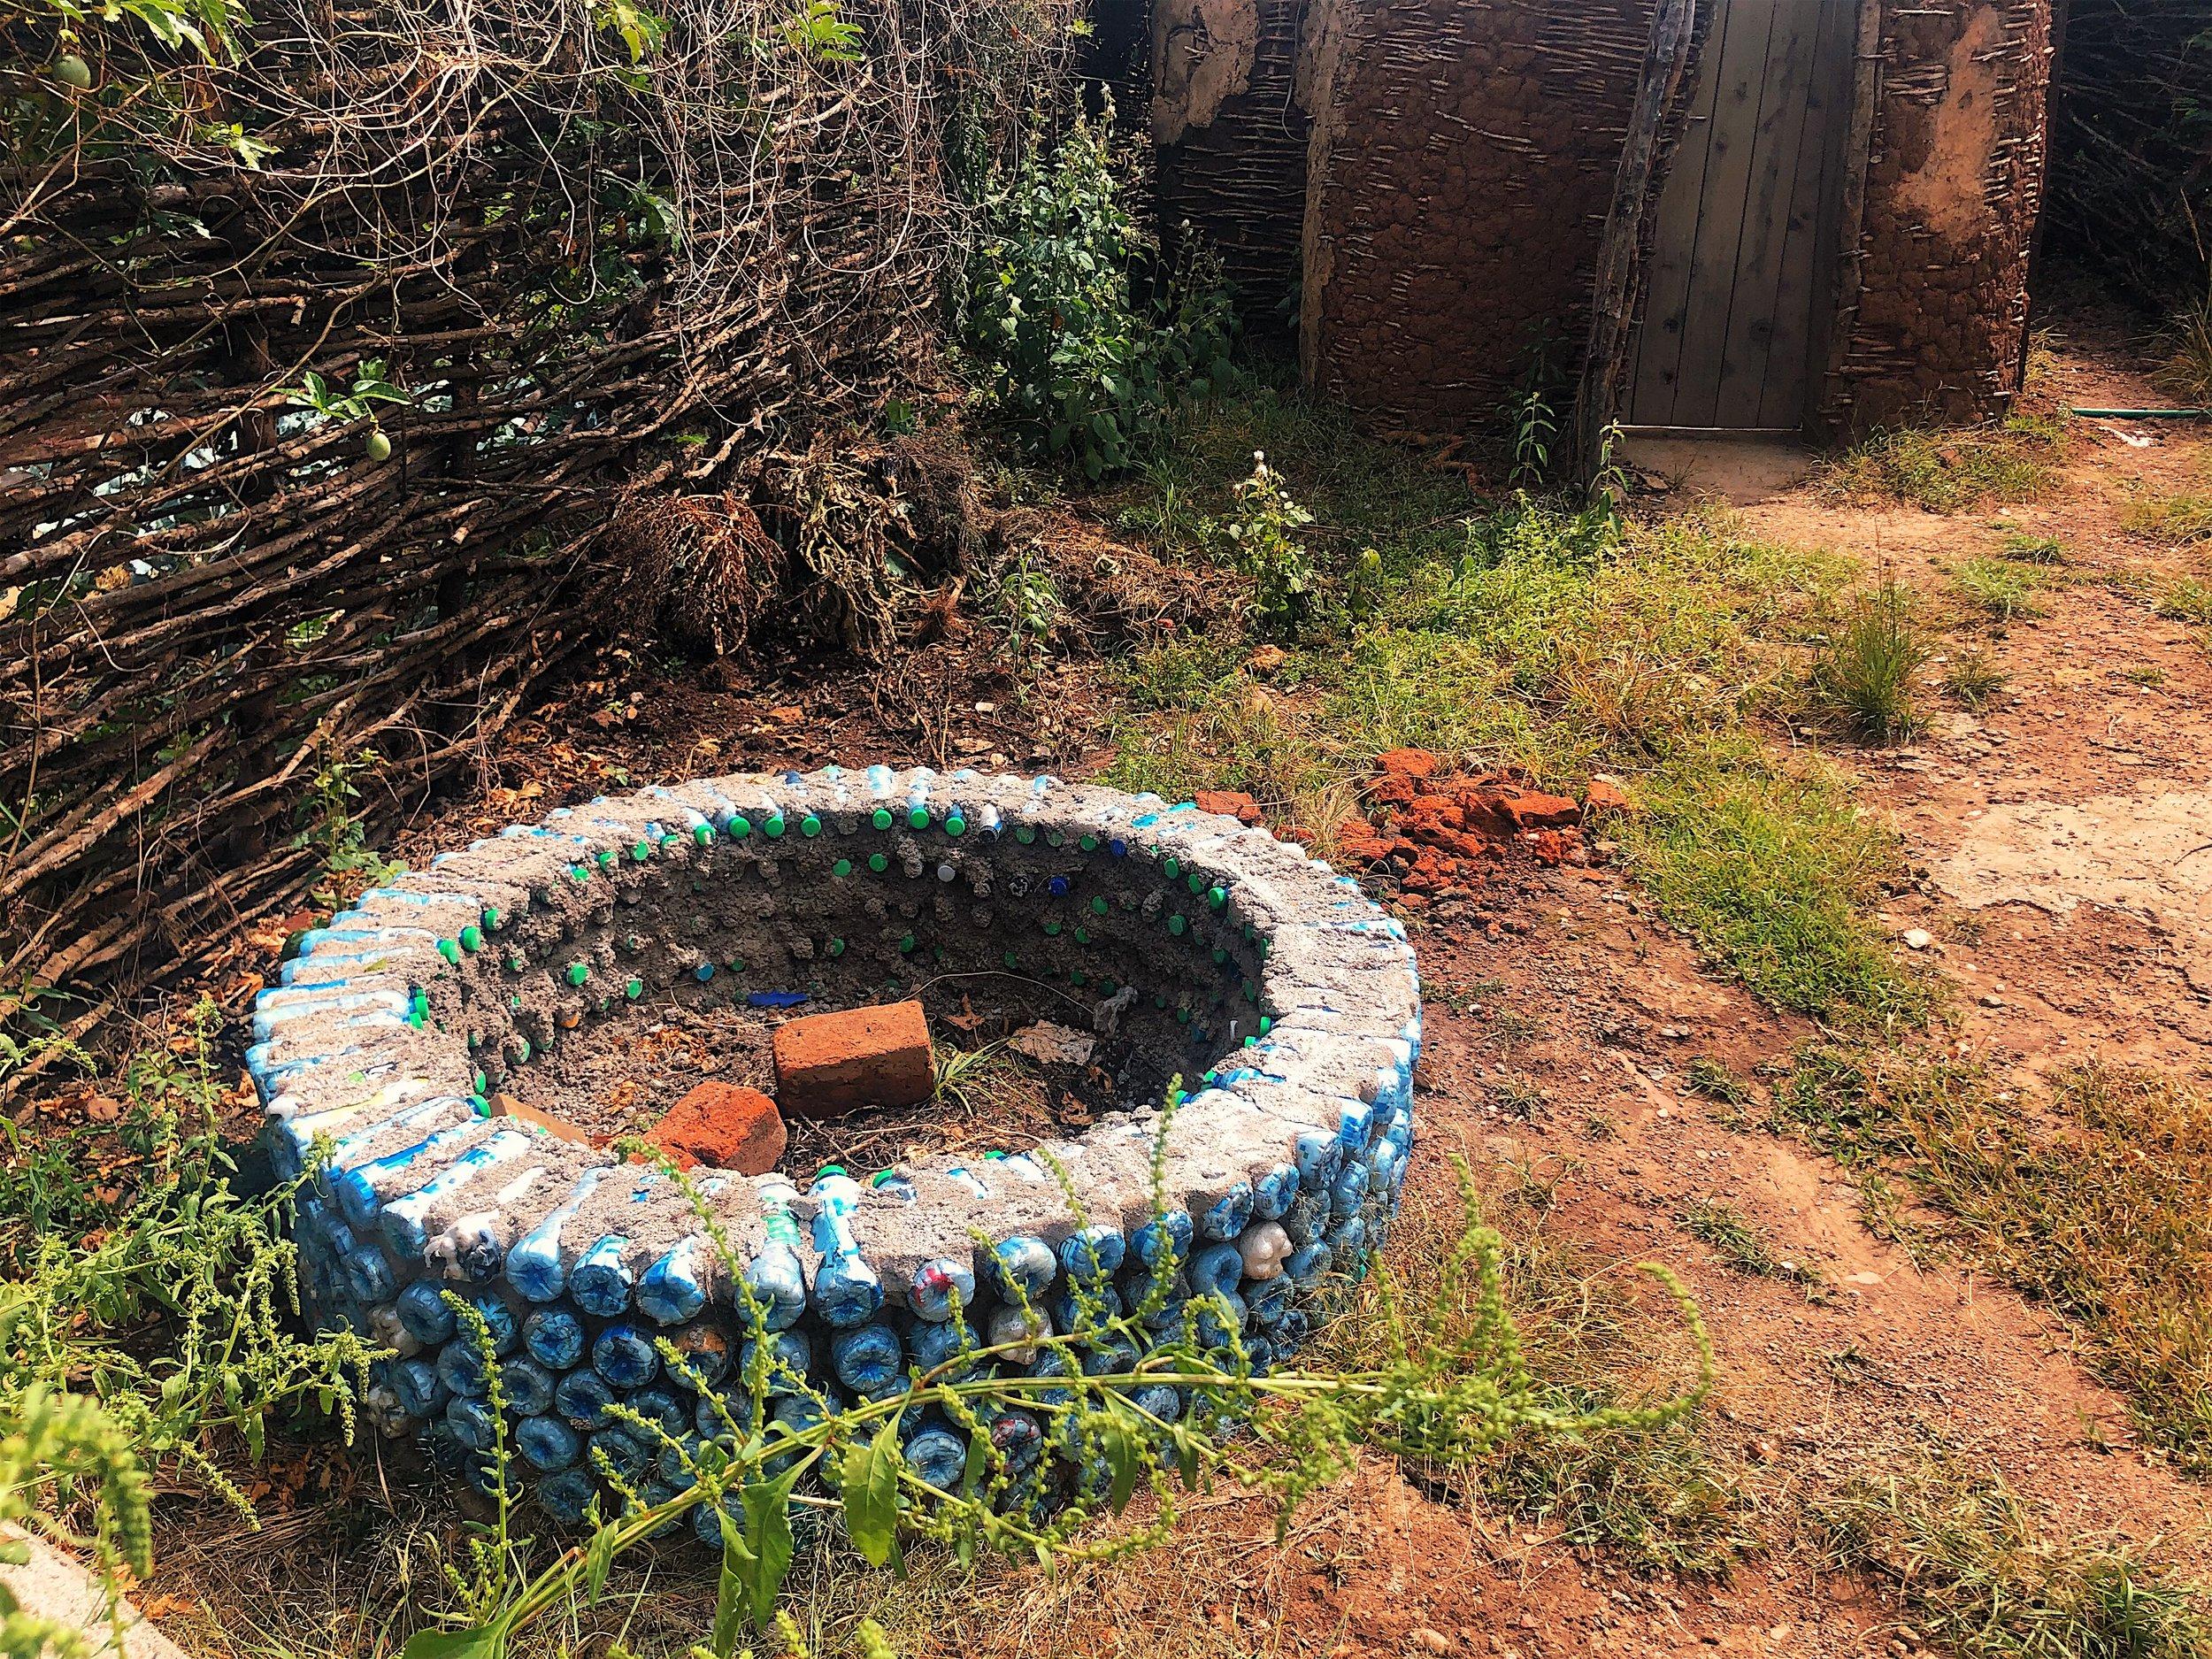 ecobrick raised garden angama shamba